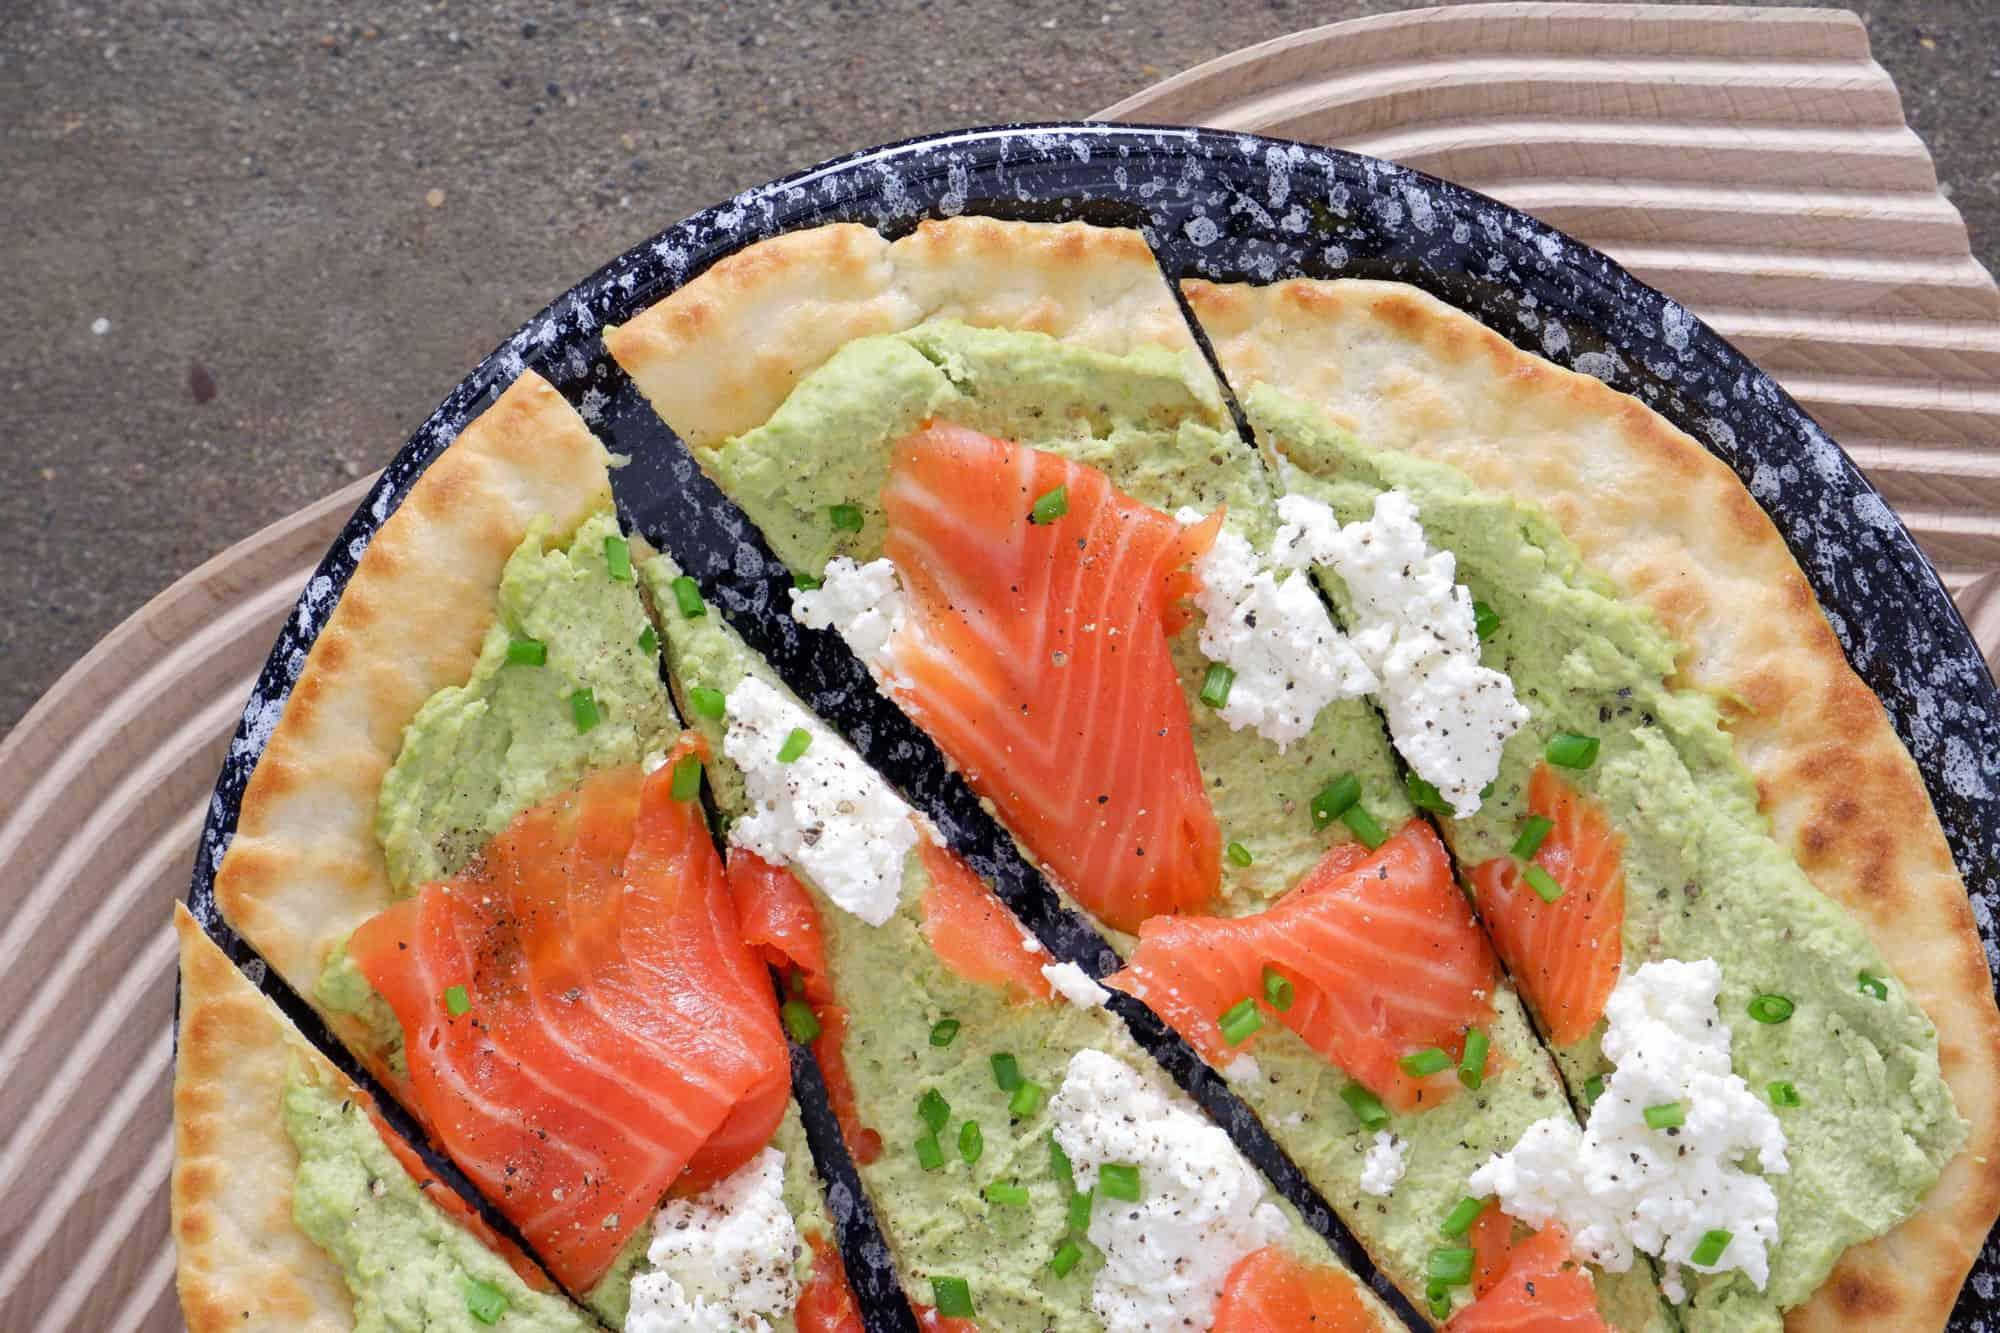 galette-proteica-con-crema-di-edamame-e-salmone-12